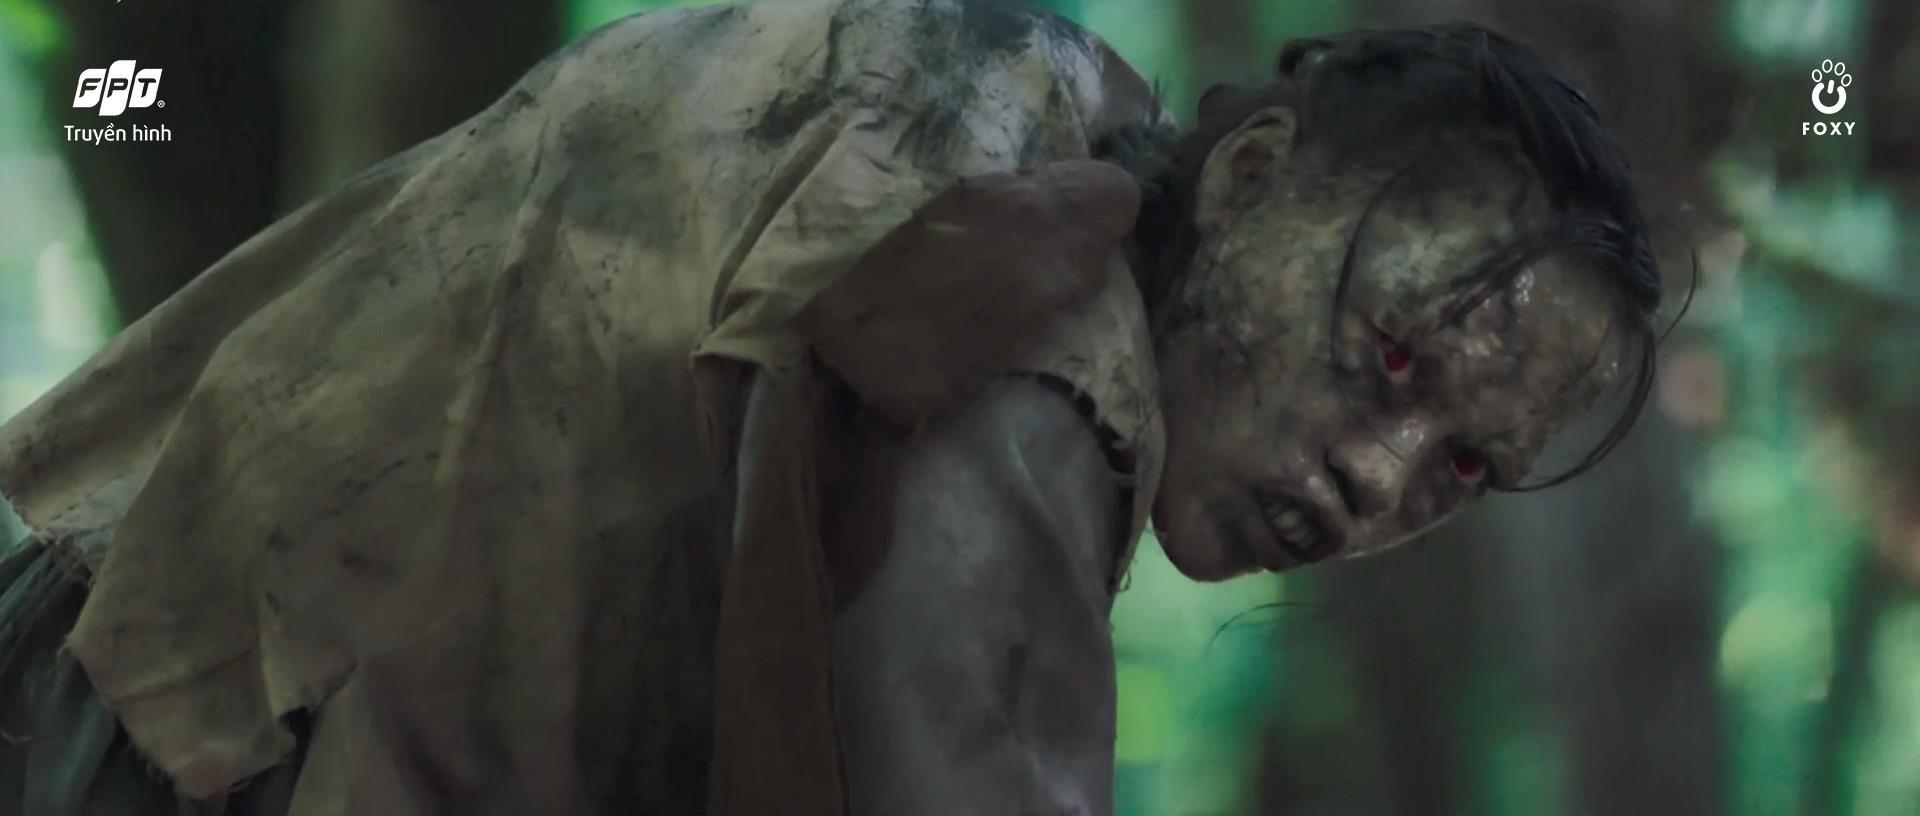 Bạn Trai Tôi Là Hồ Ly và hình tượng zombie - chạy theo xu hướng hay một ẩn dụ sâu sắc? - Ảnh 4.